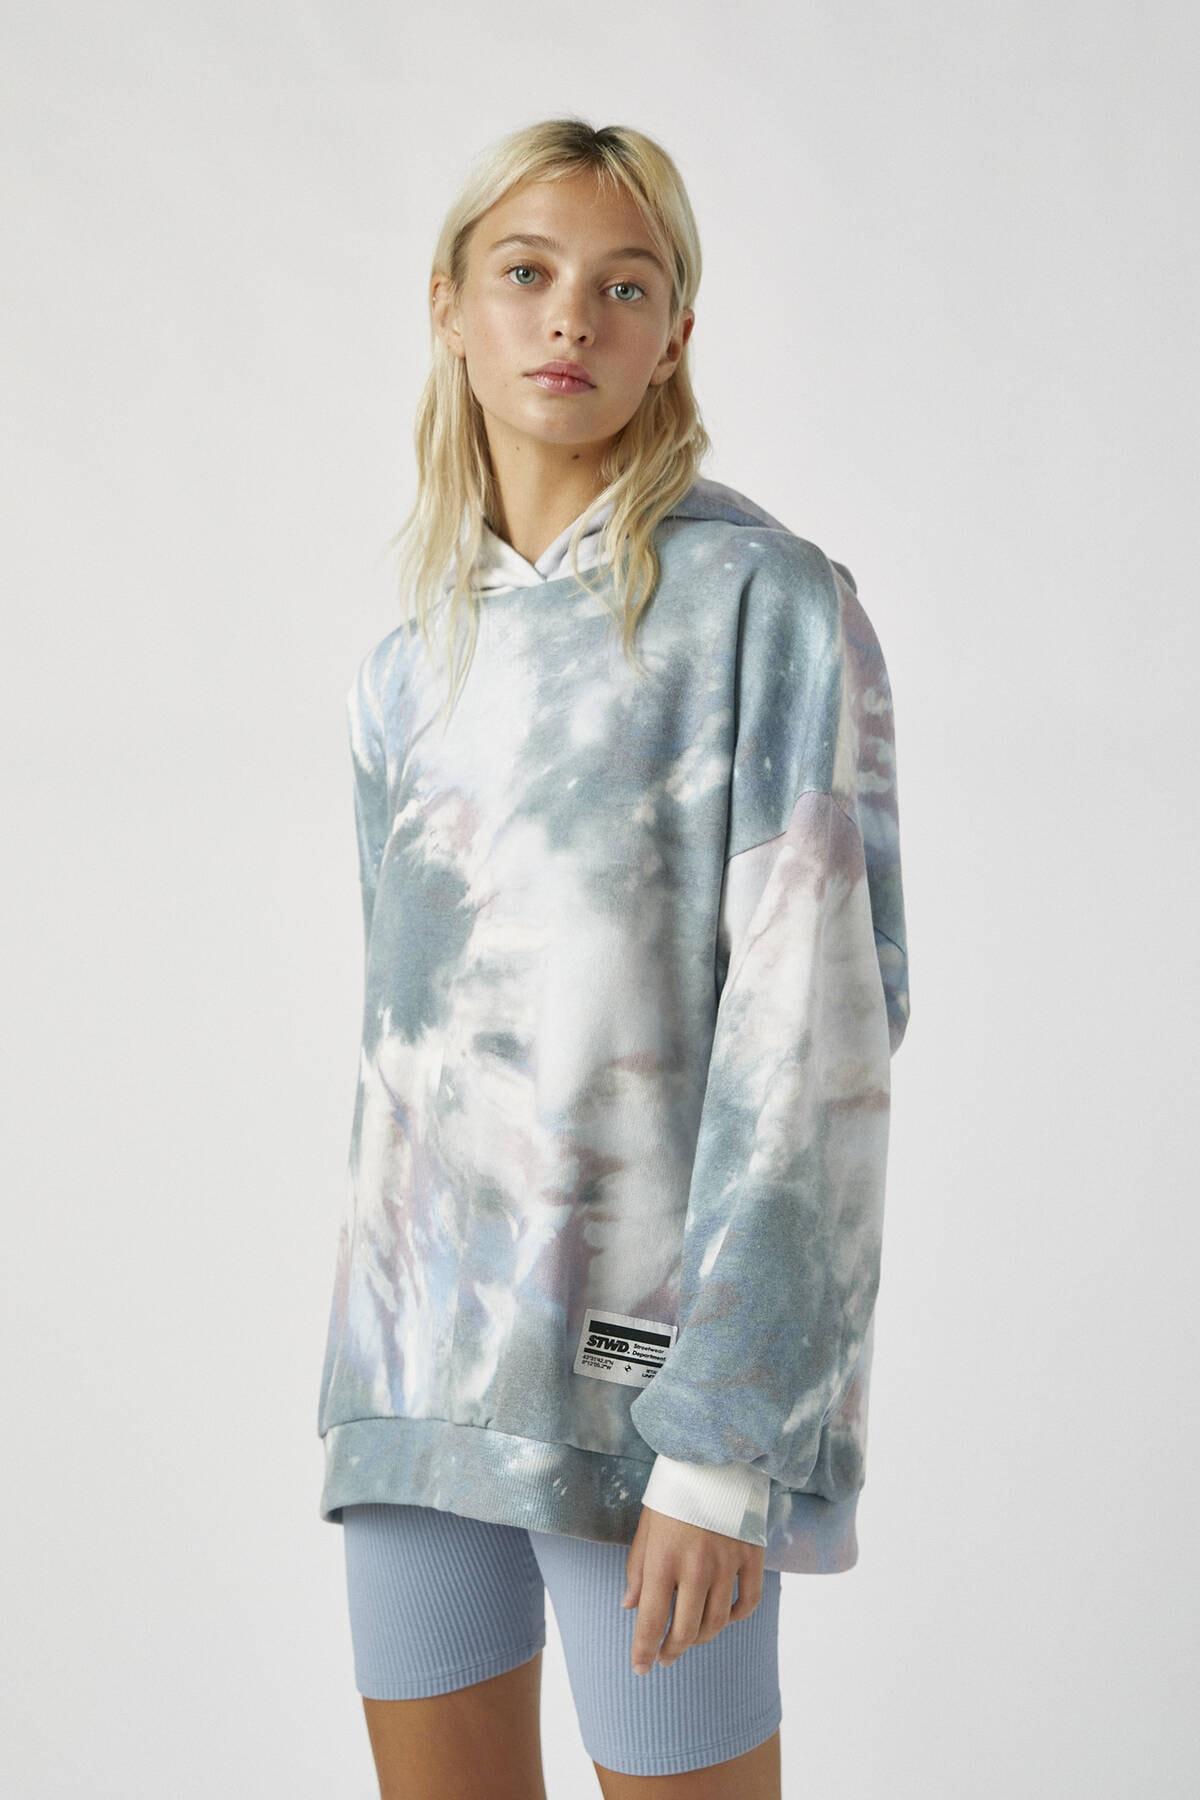 Pull & Bear Kadın Renkli İşlemeli Etiketli Batik Kapüşonlu Sweatshirt 09594320